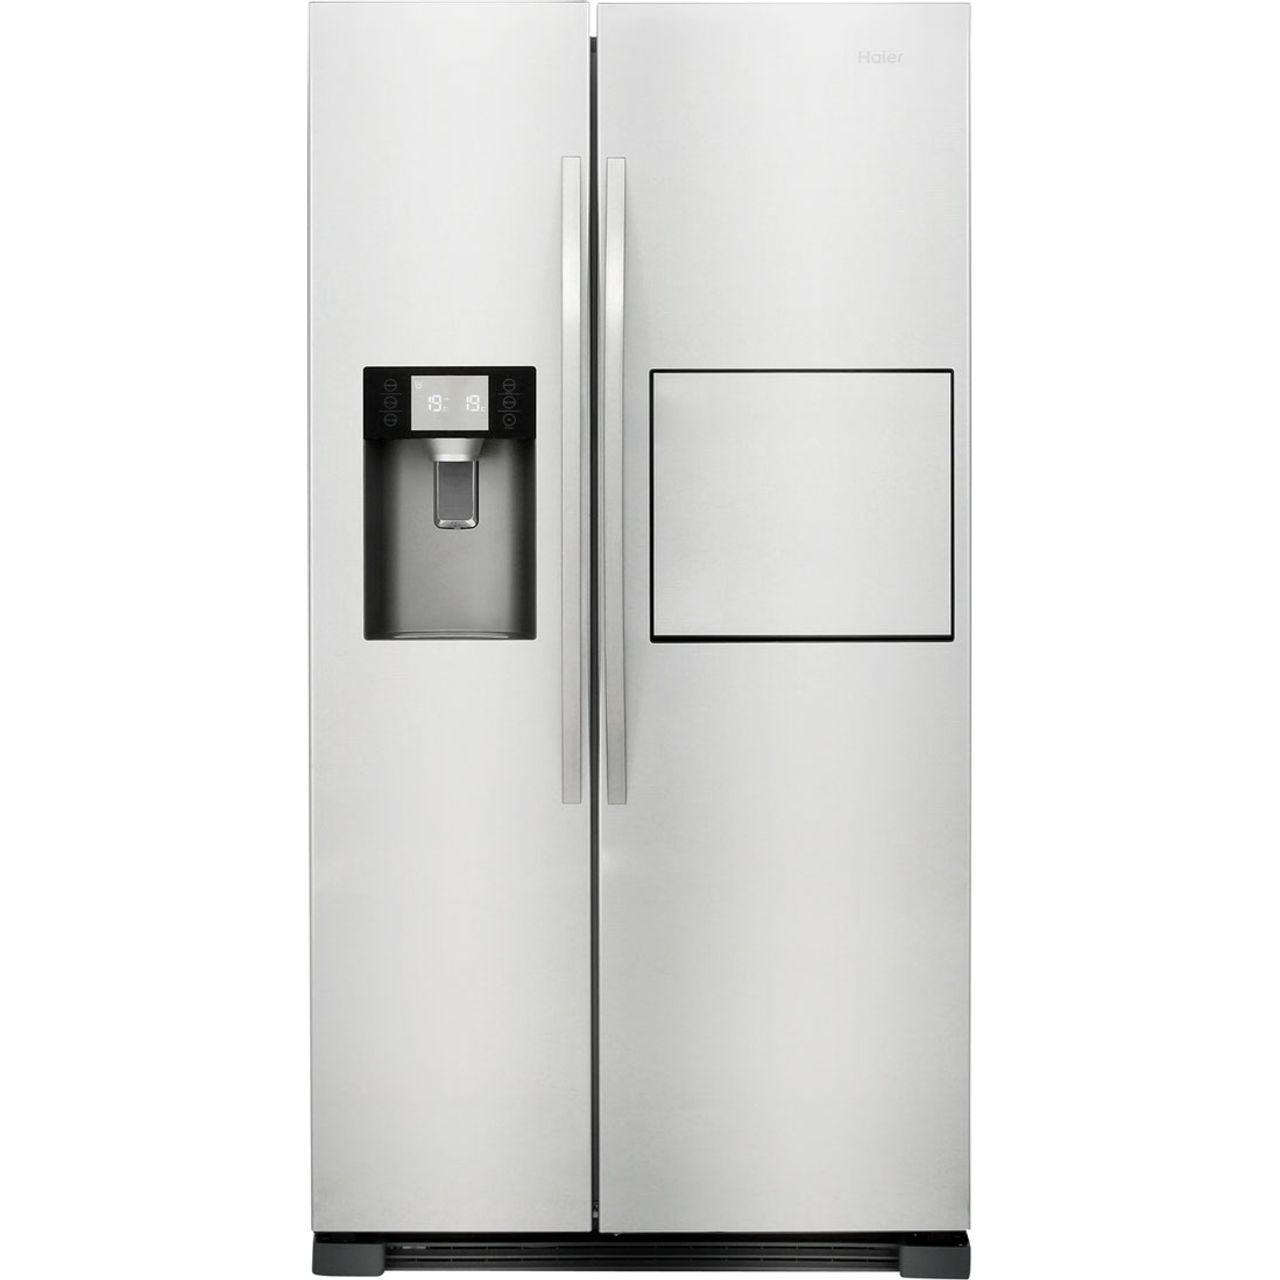 Aeg Kühlschrank Klopft : Wenn der kühlschrank brummt was tun gegen laute geräusche